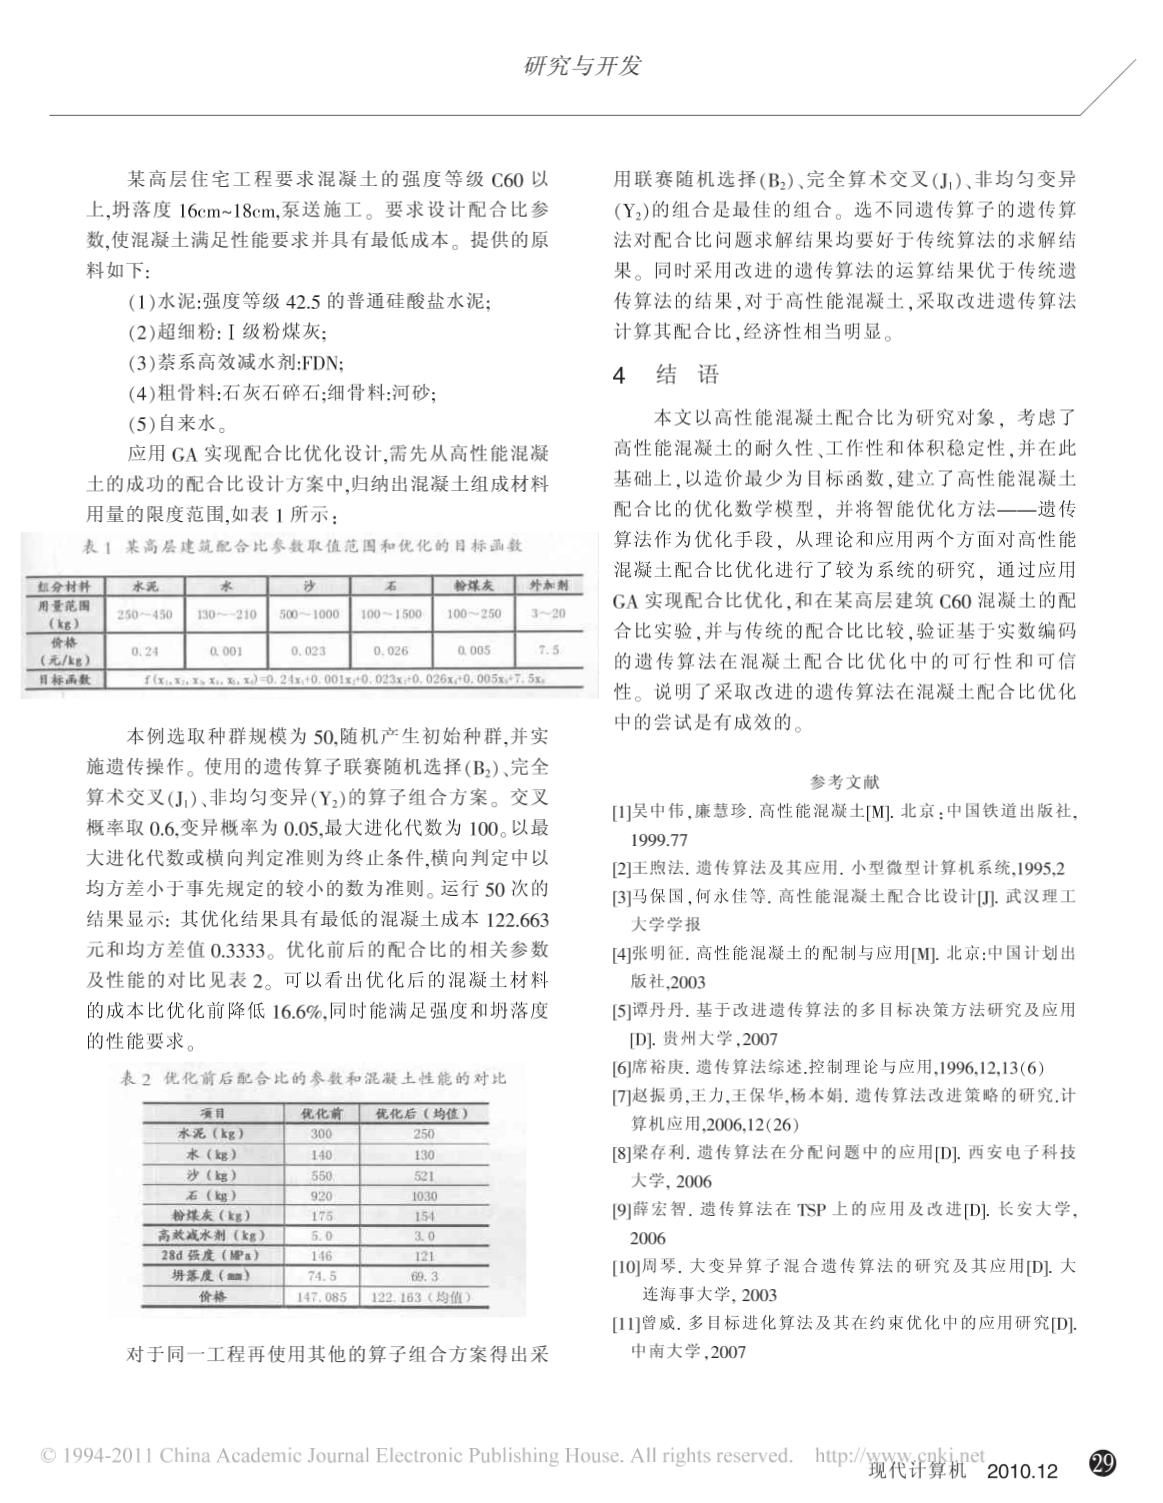 豆丁-精品-基于改进遗传算法的高性能混凝土配合比优化设计图片1